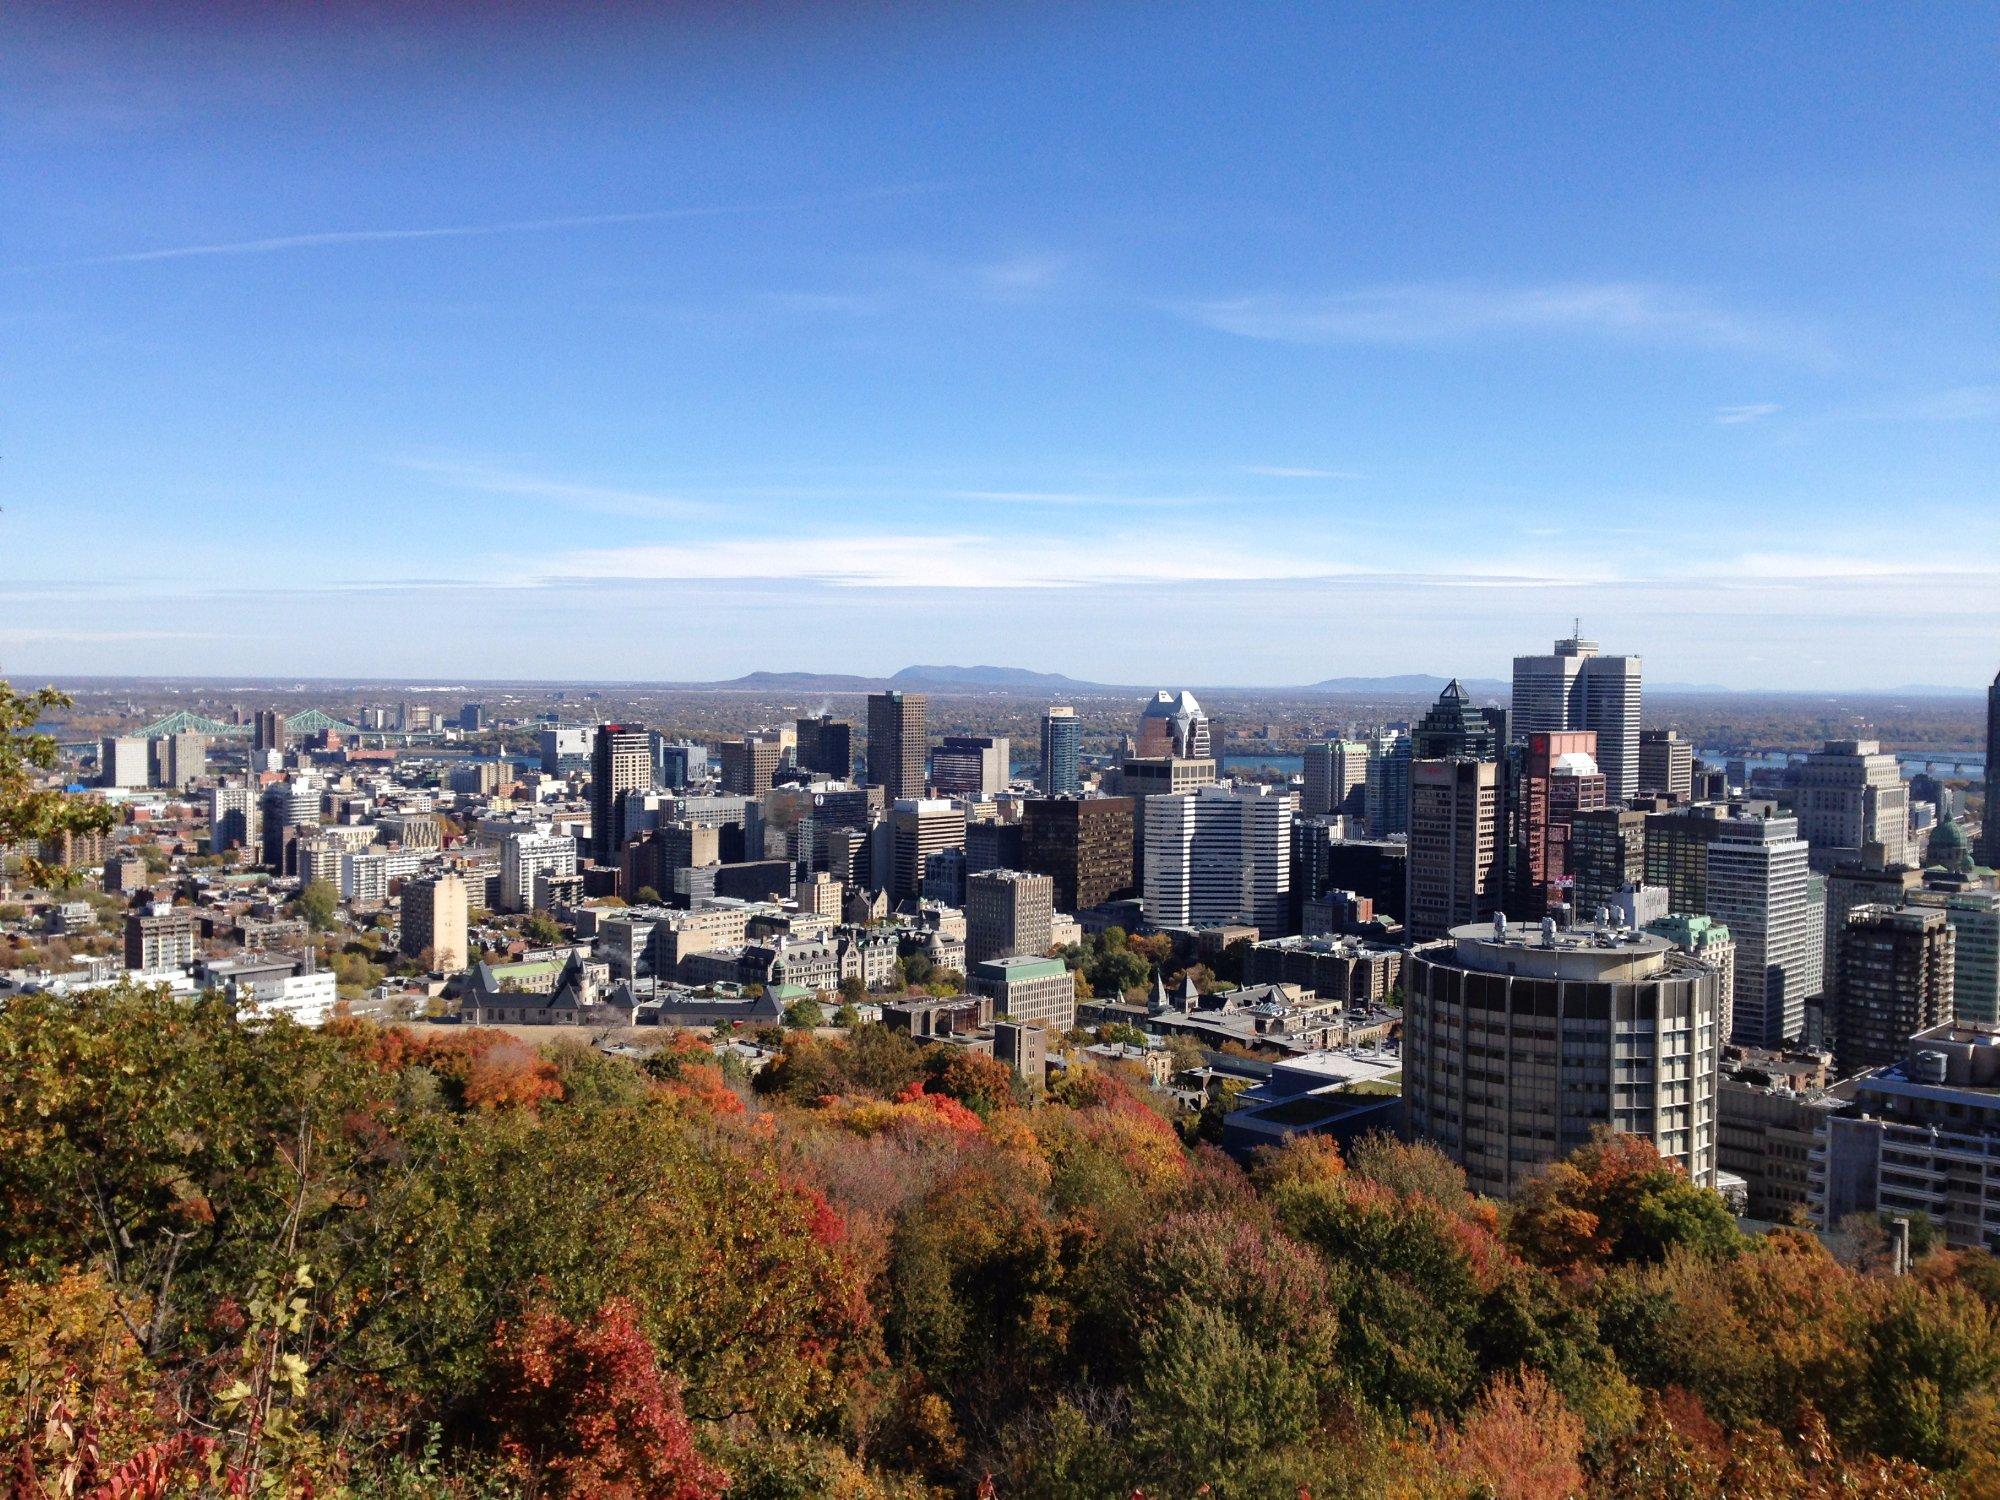 Kondiaronk Belvedere - Montreal - Quebec - Canada